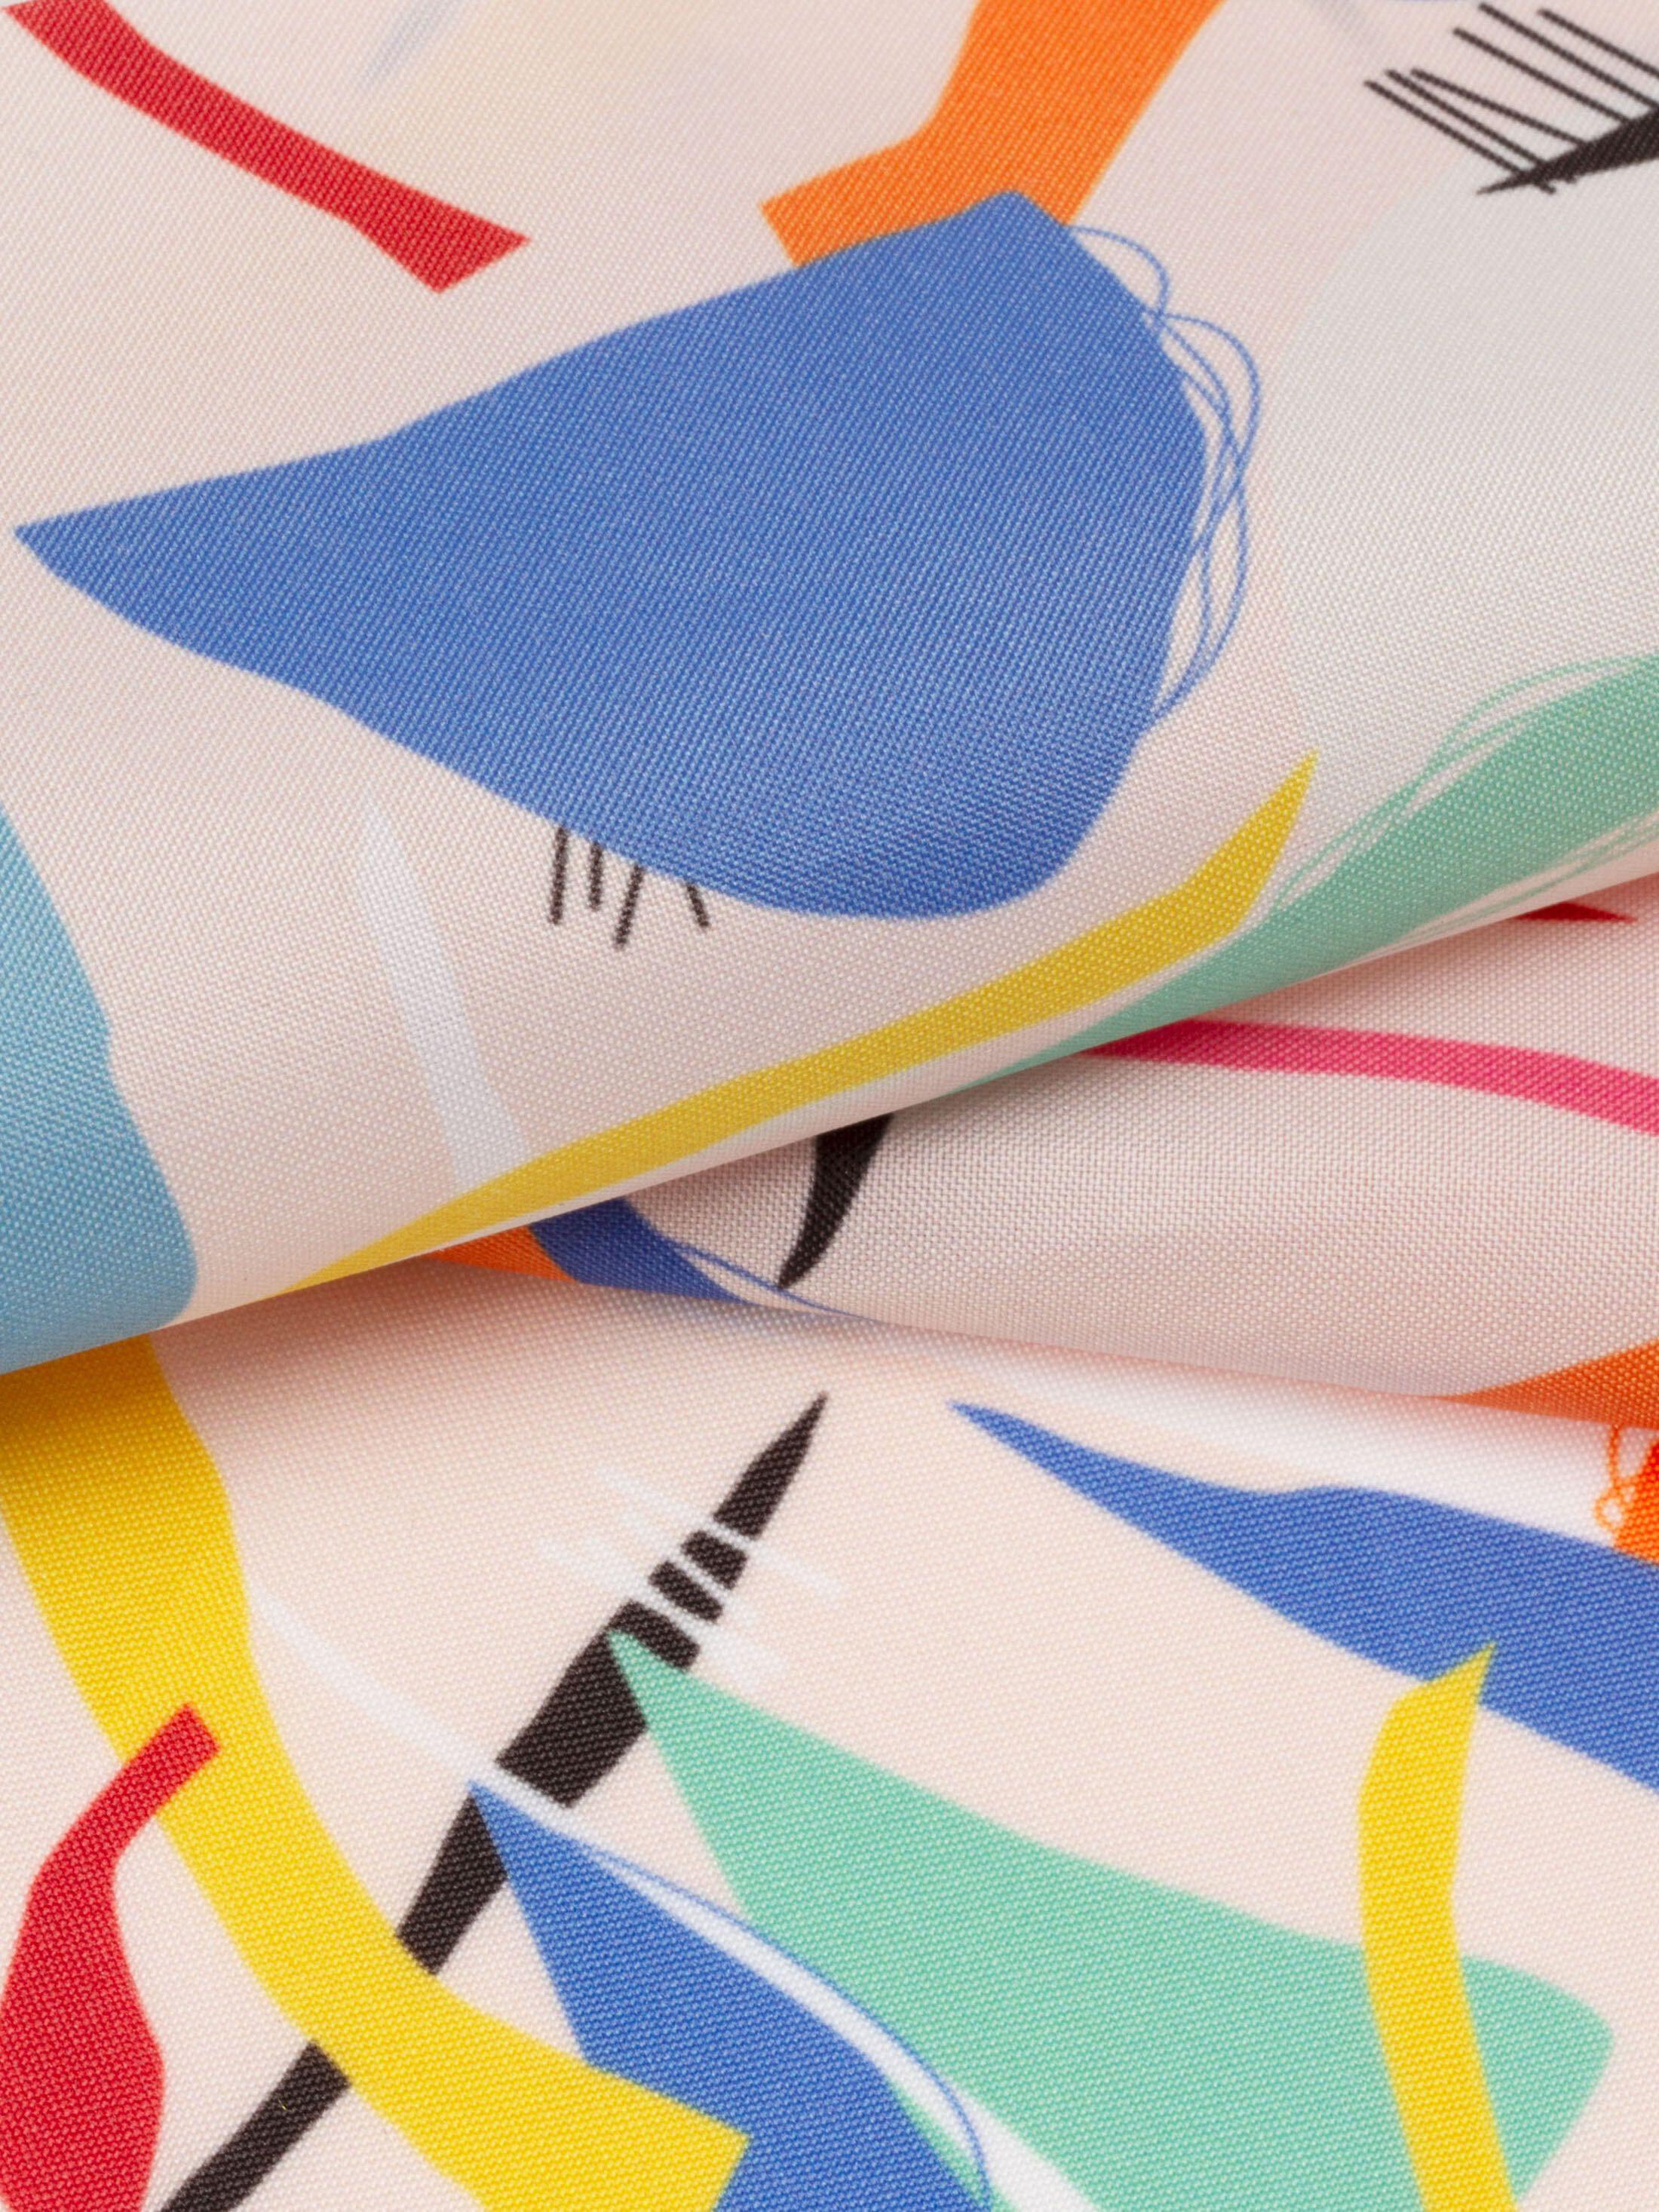 Ella Waterproof met print vastgespeld